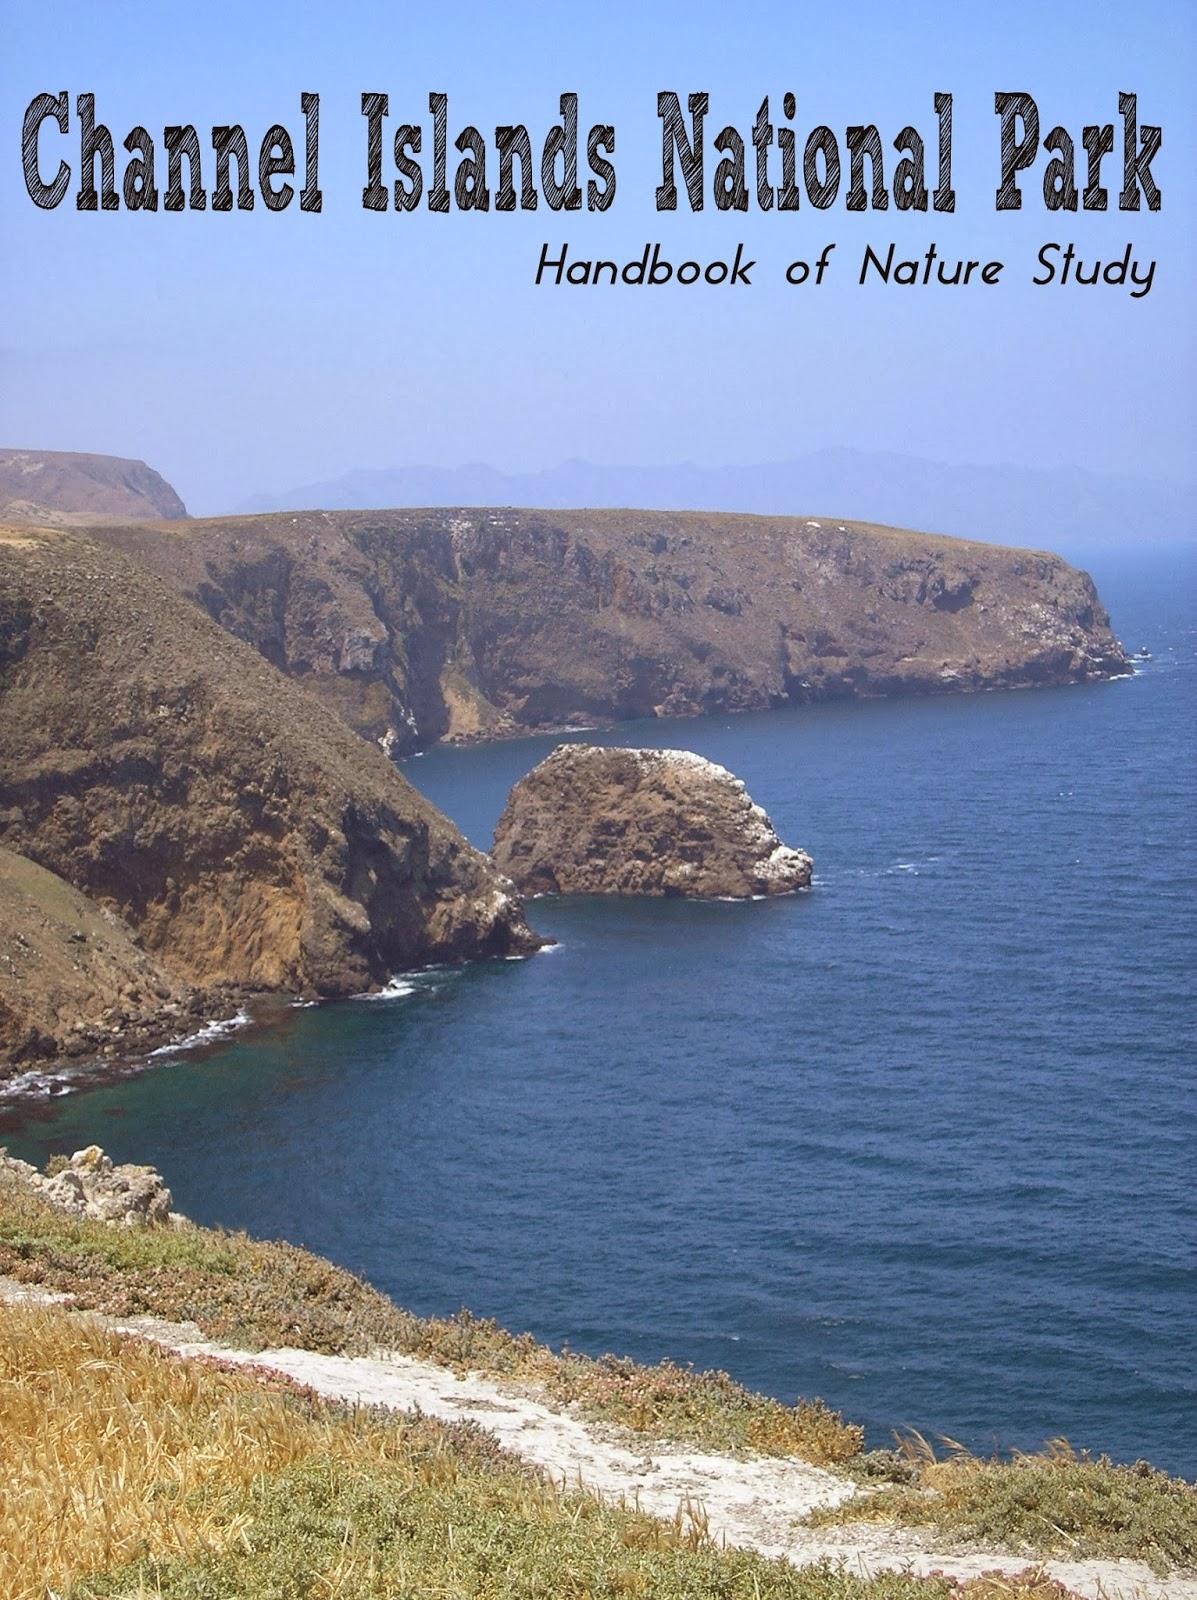 http://handbookofnaturestudy.blogspot.com/2008/06/channel-islands-national-park.html